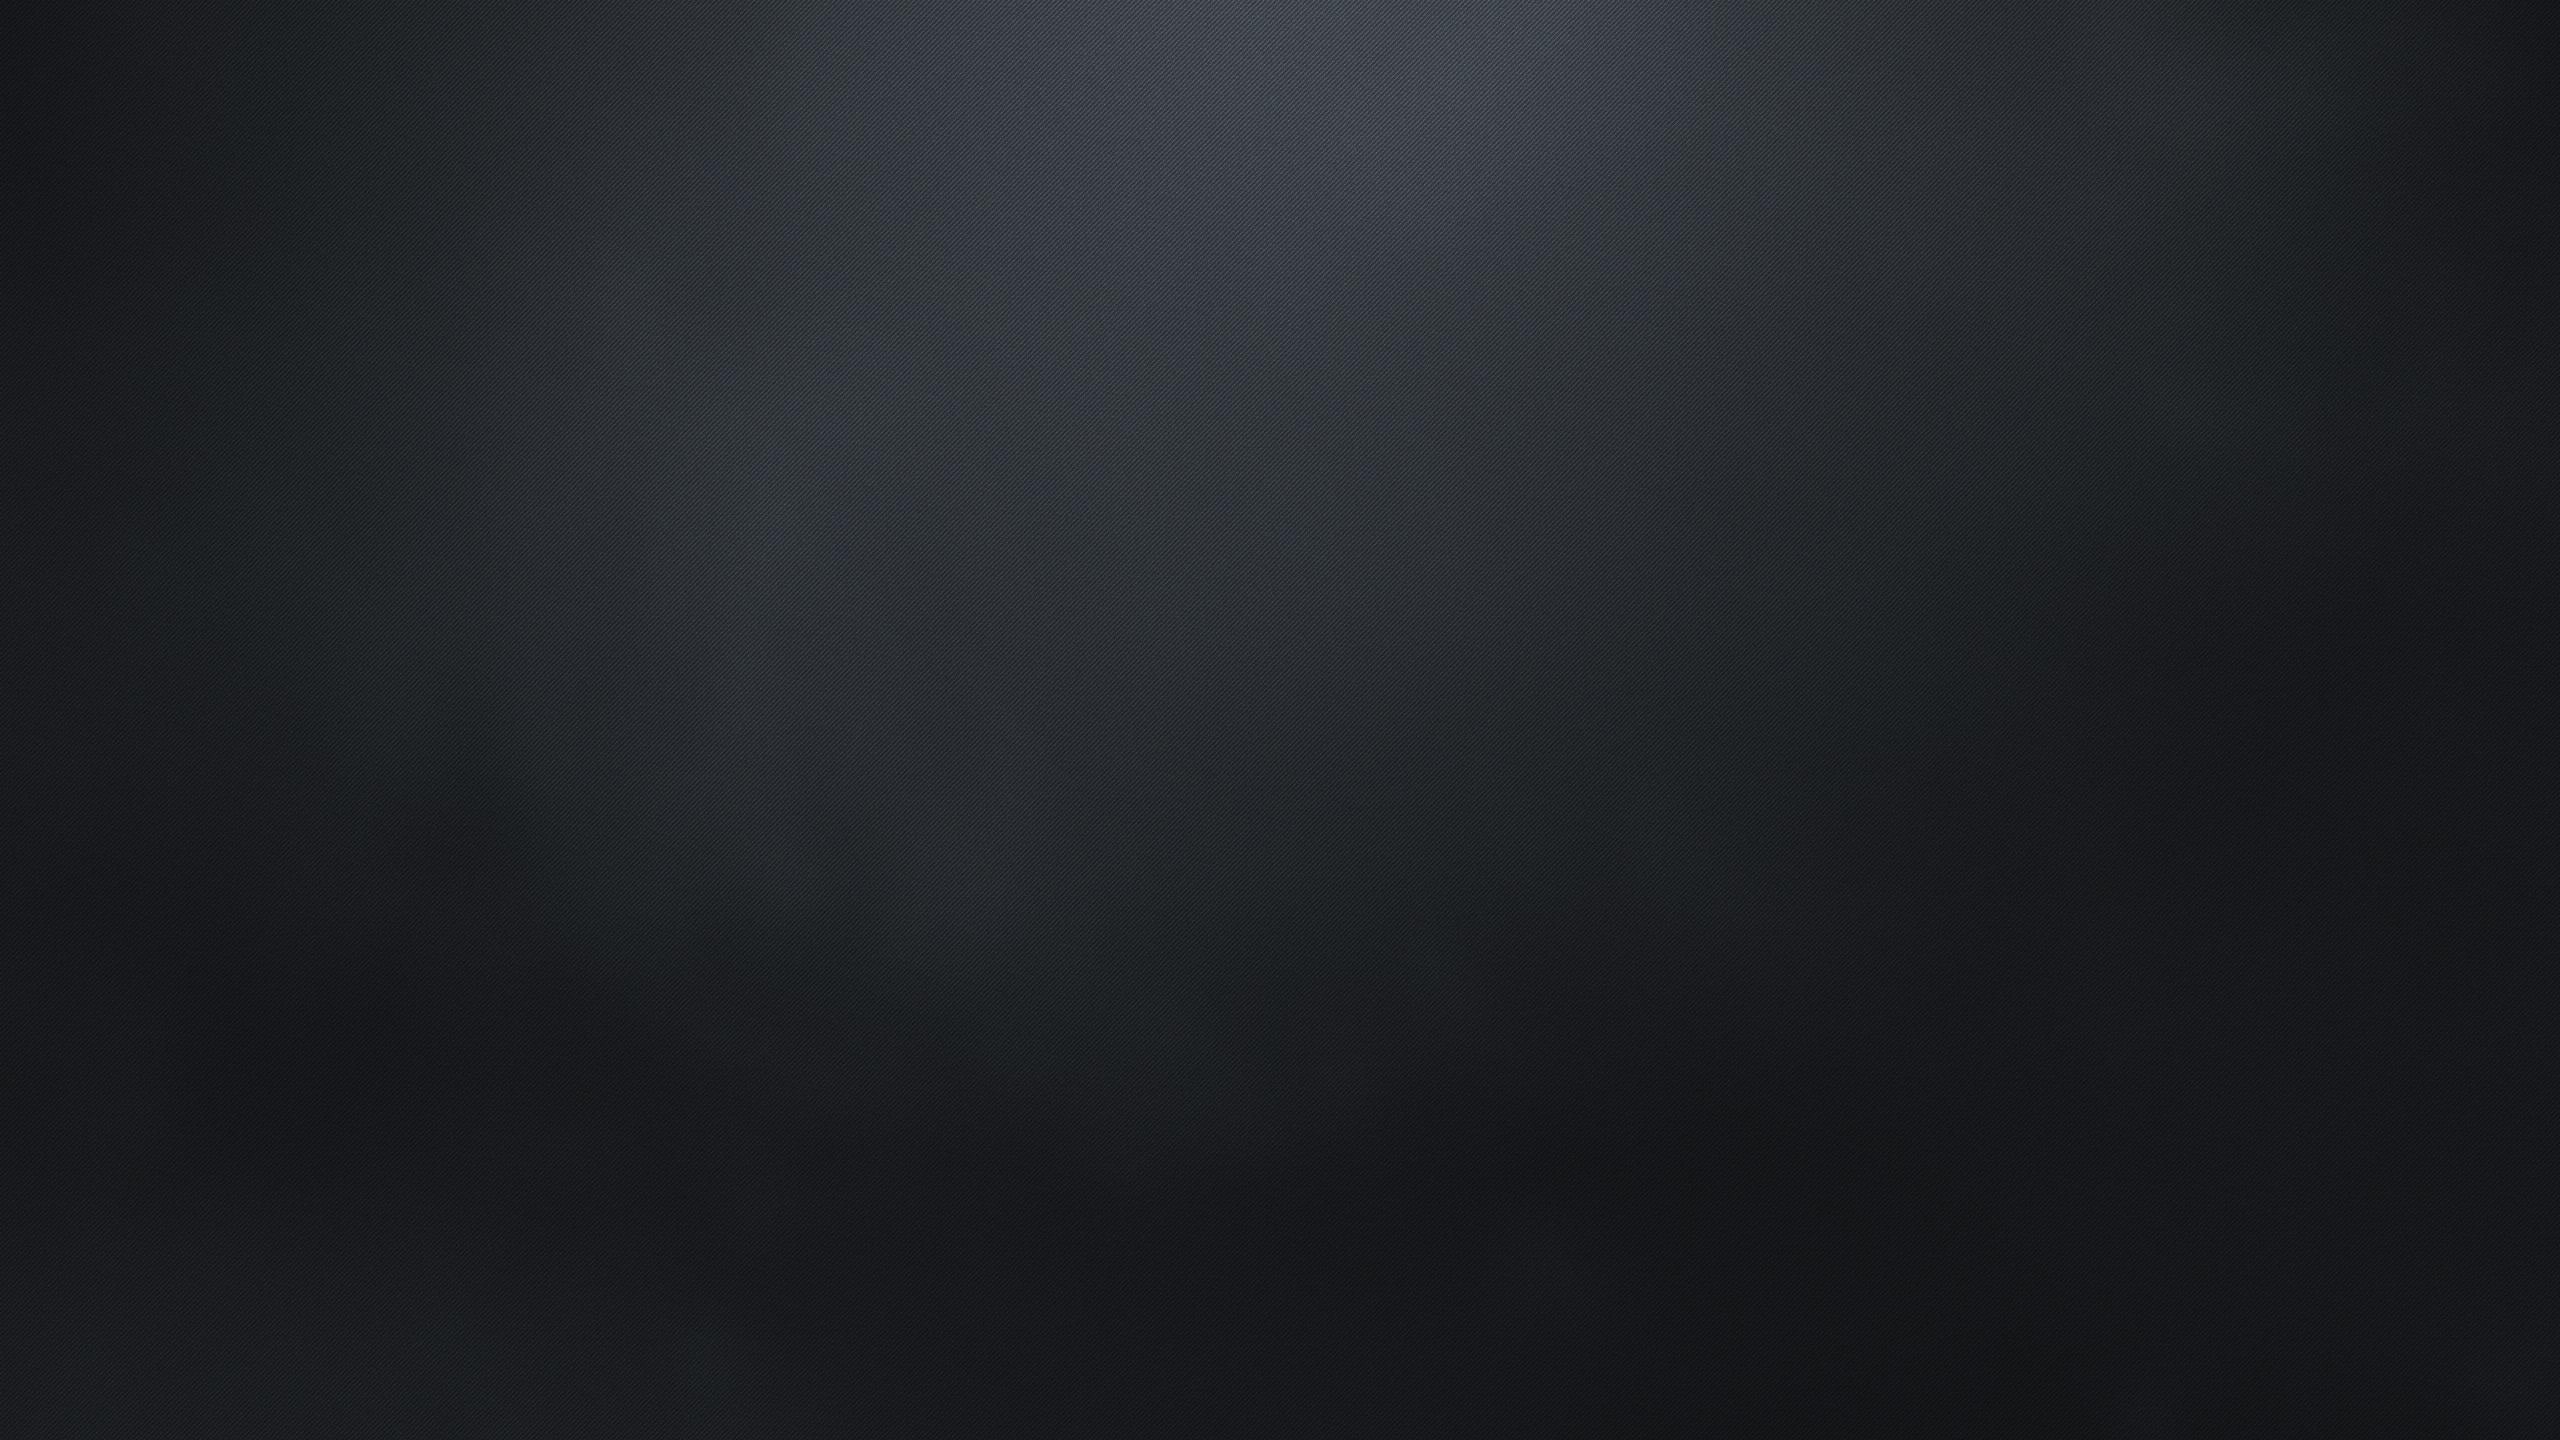 surface_dark_background_texture_50754_2560x1440-1